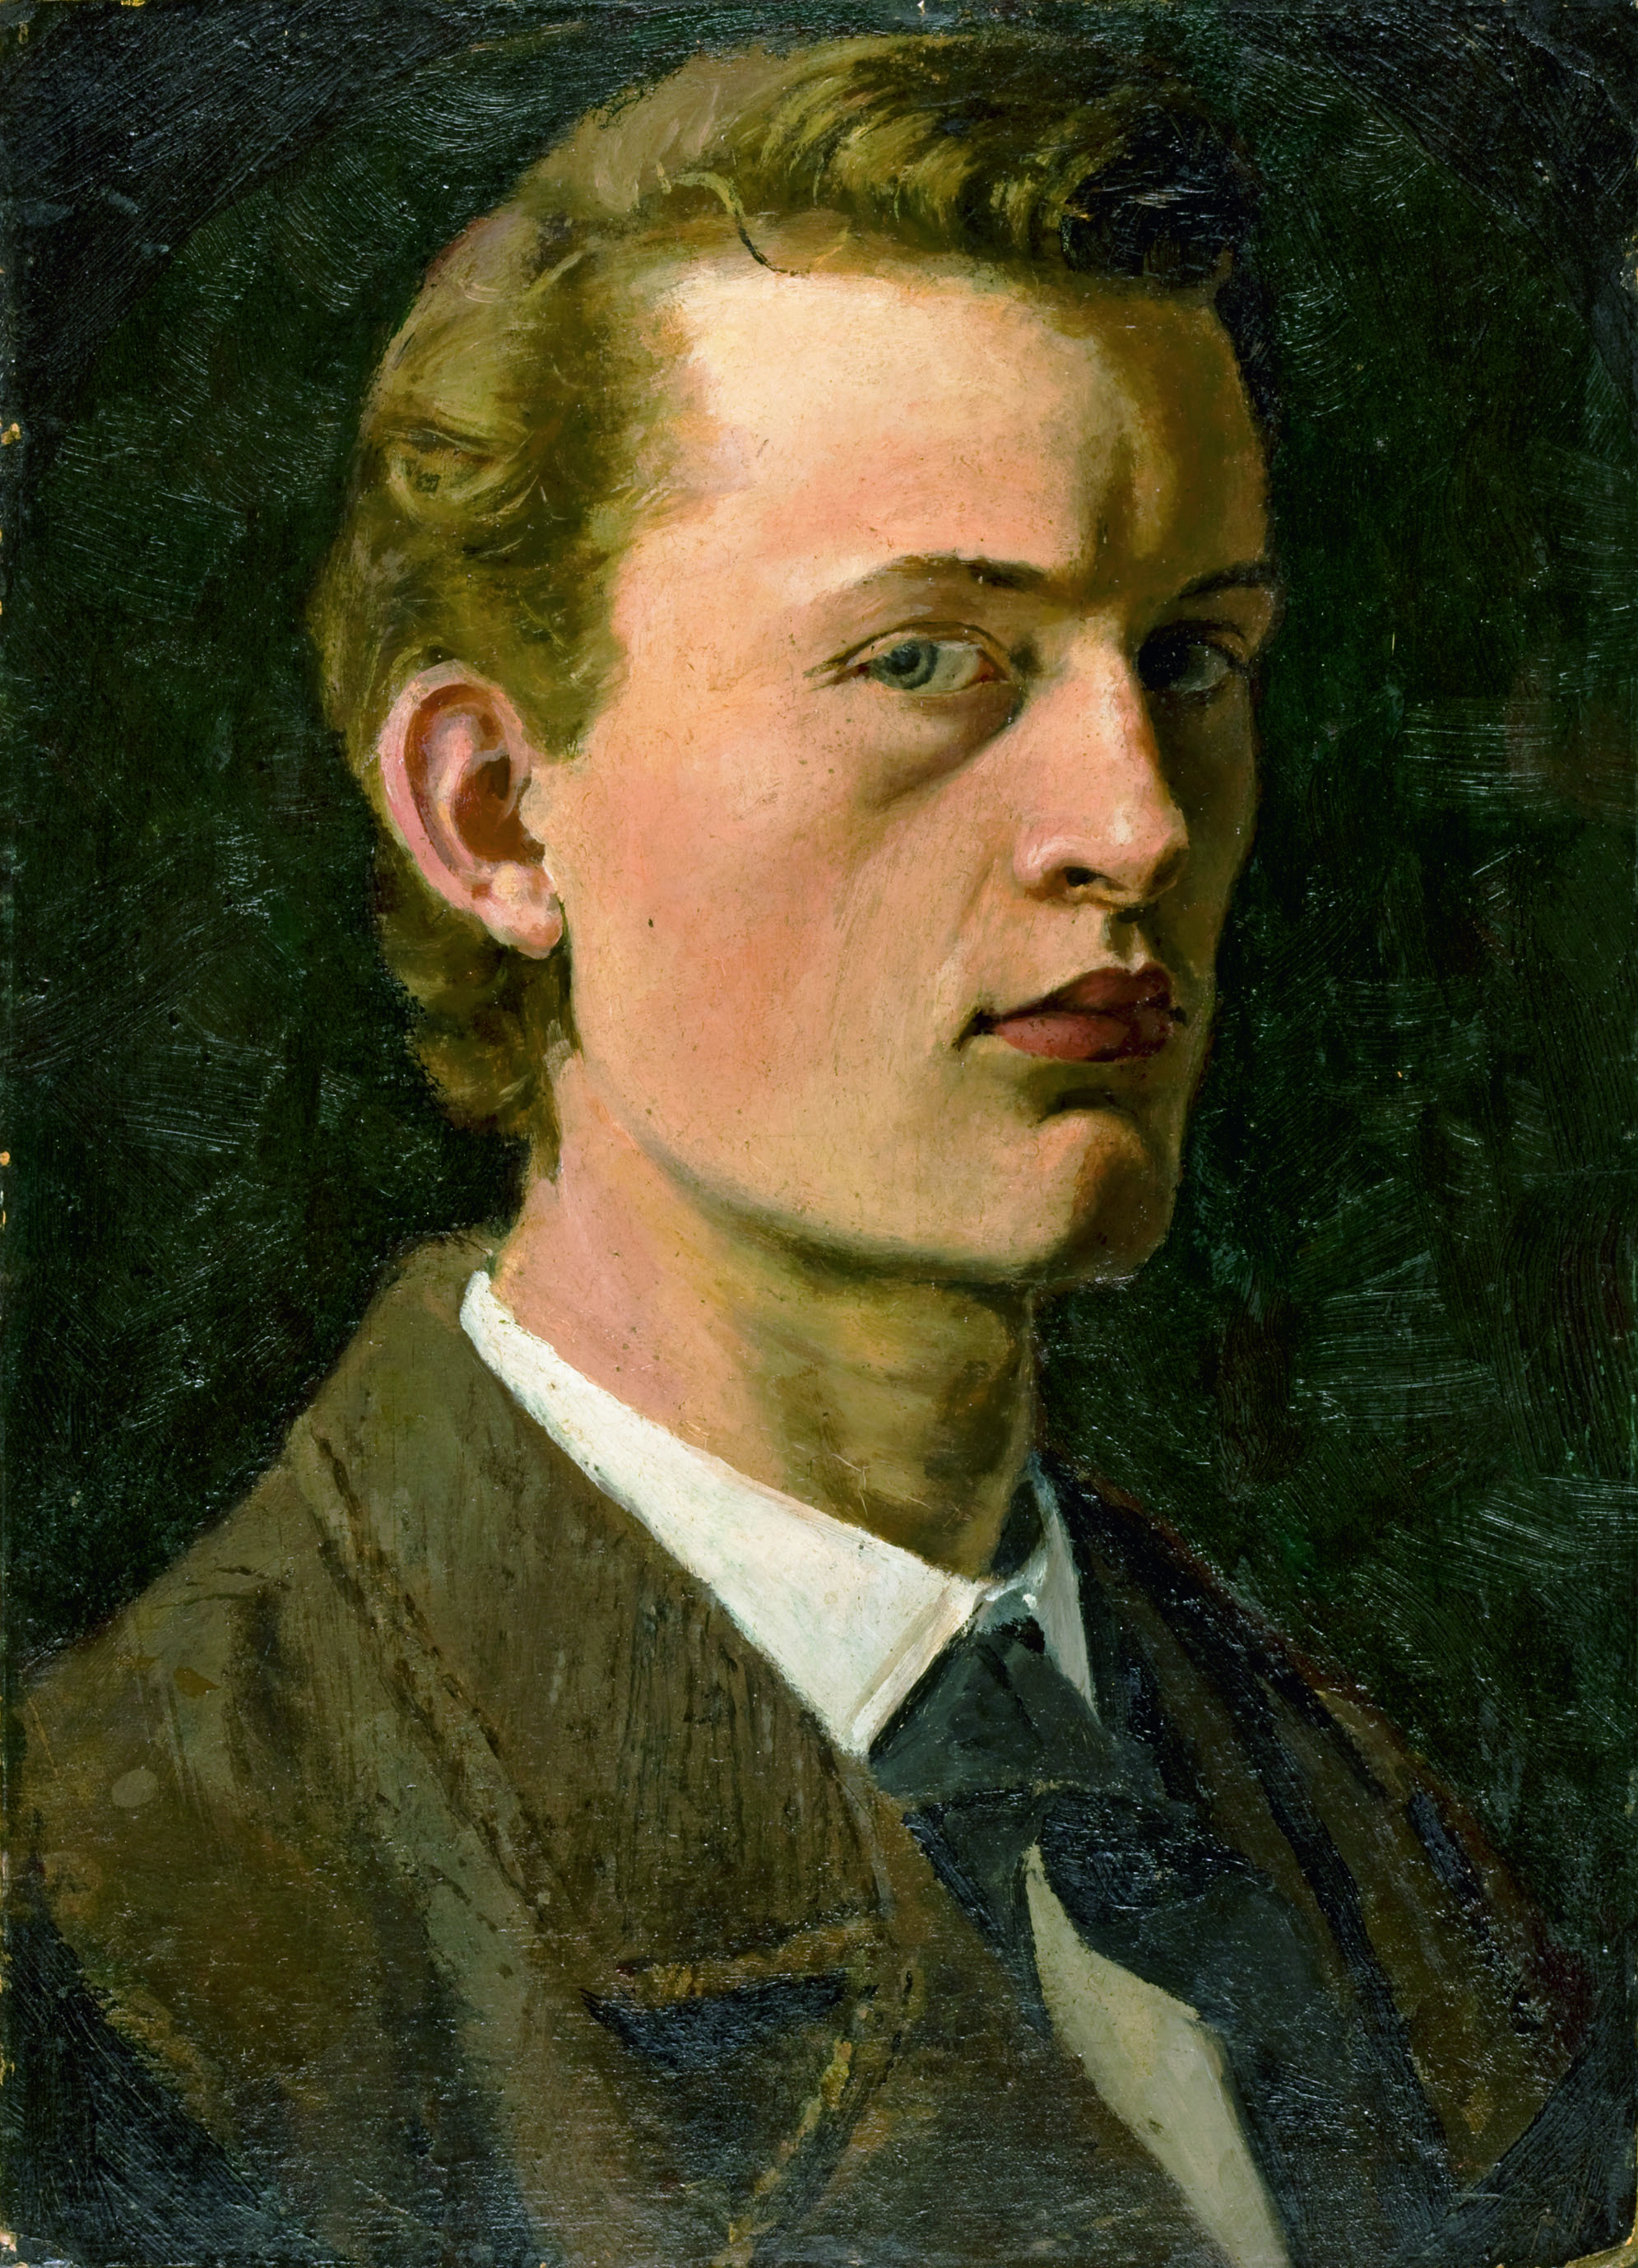 エドヴァルド・ムンク《自画像》1882年 油彩、紙(厚紙に貼付) 26×19cm